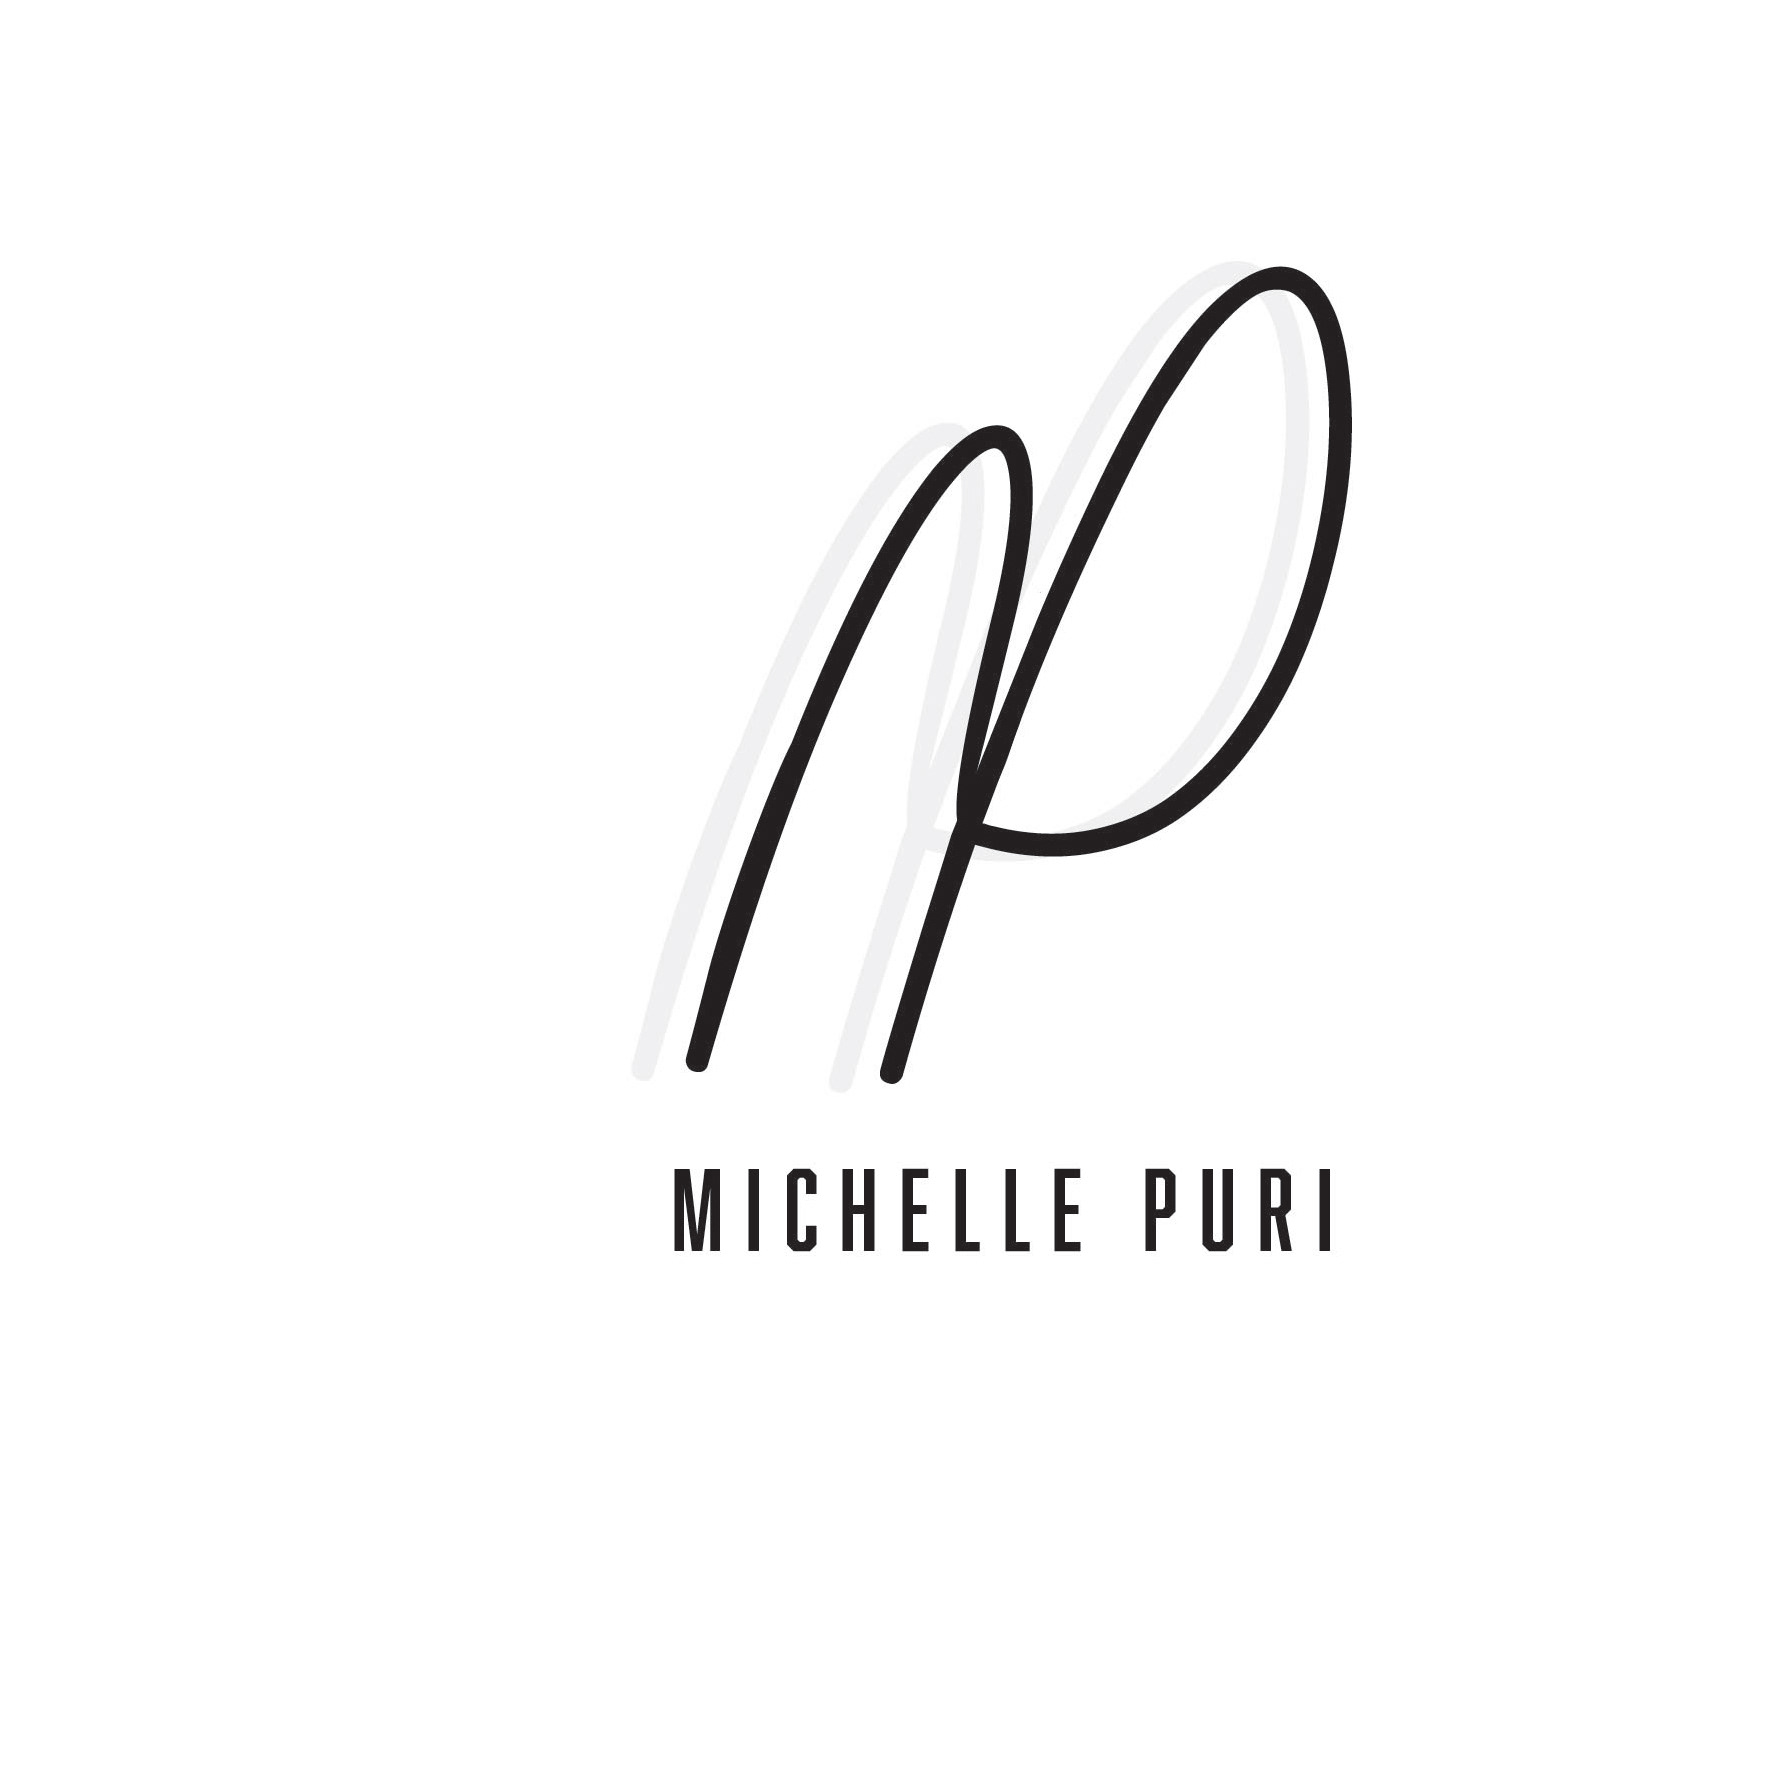 Michelle Puri